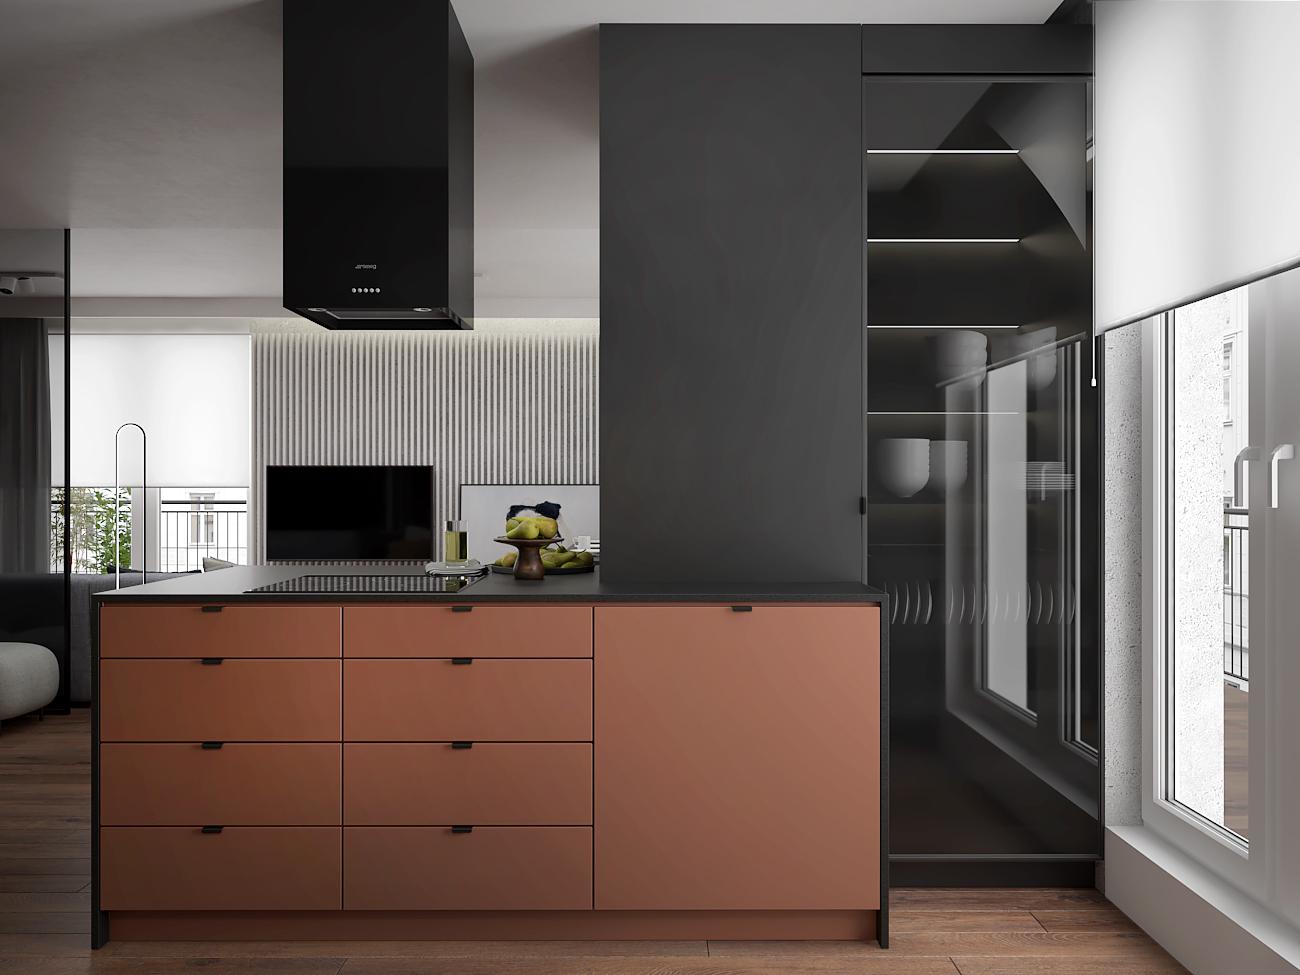 8 aranzacja wnetrza M563 mieszkanie katowice salon z kuchnia miedziane fronty blat z corianu wyspa z plyta indukcyjna czarny okap wyspowy